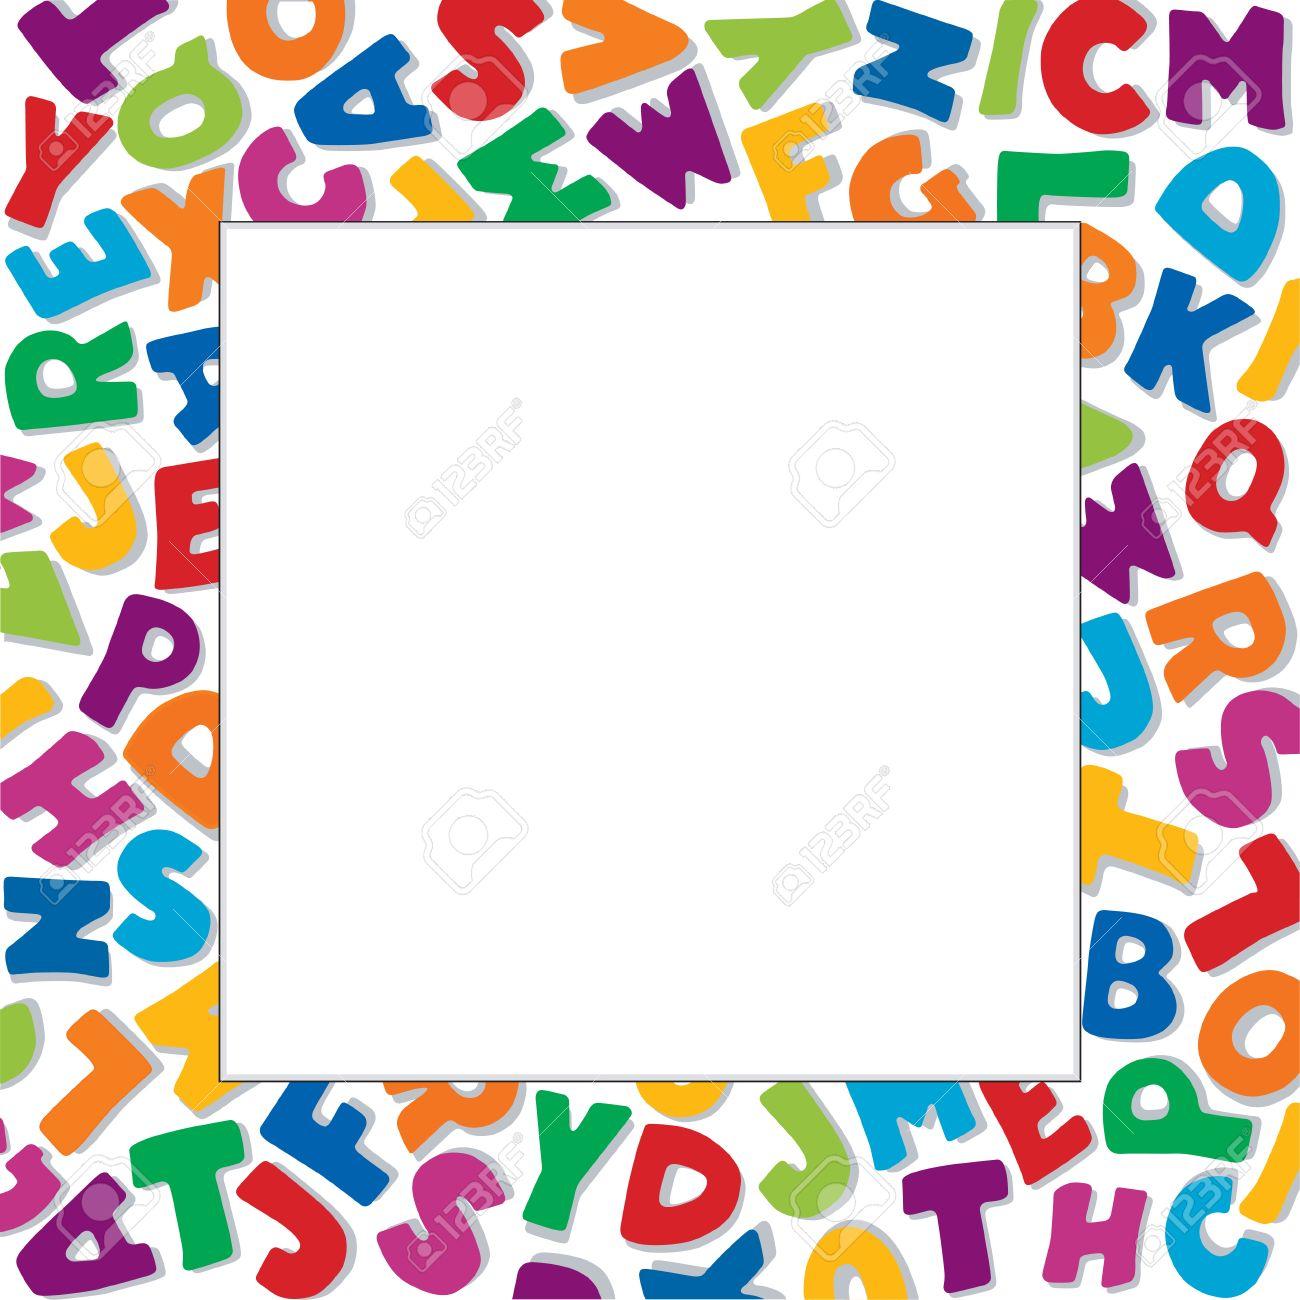 alphabet frame square multicolor letter border on white background